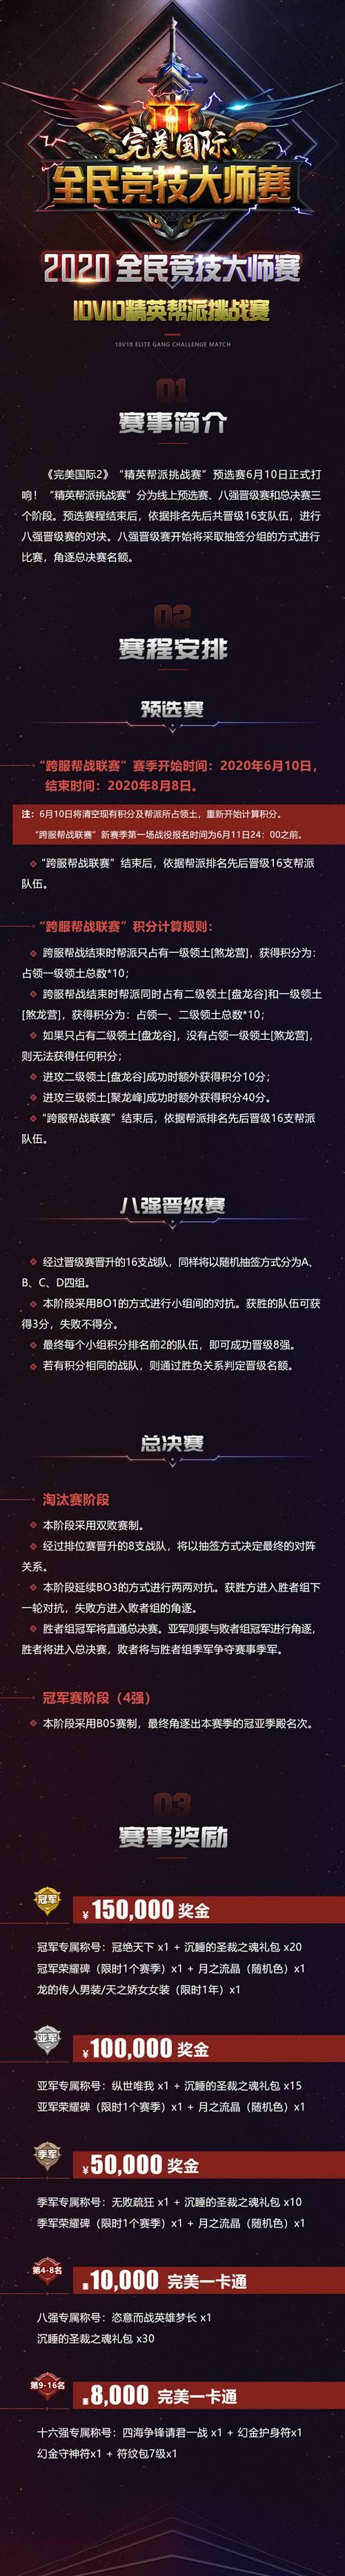 《完美国际2》全民竞技大师赛今日揭幕!